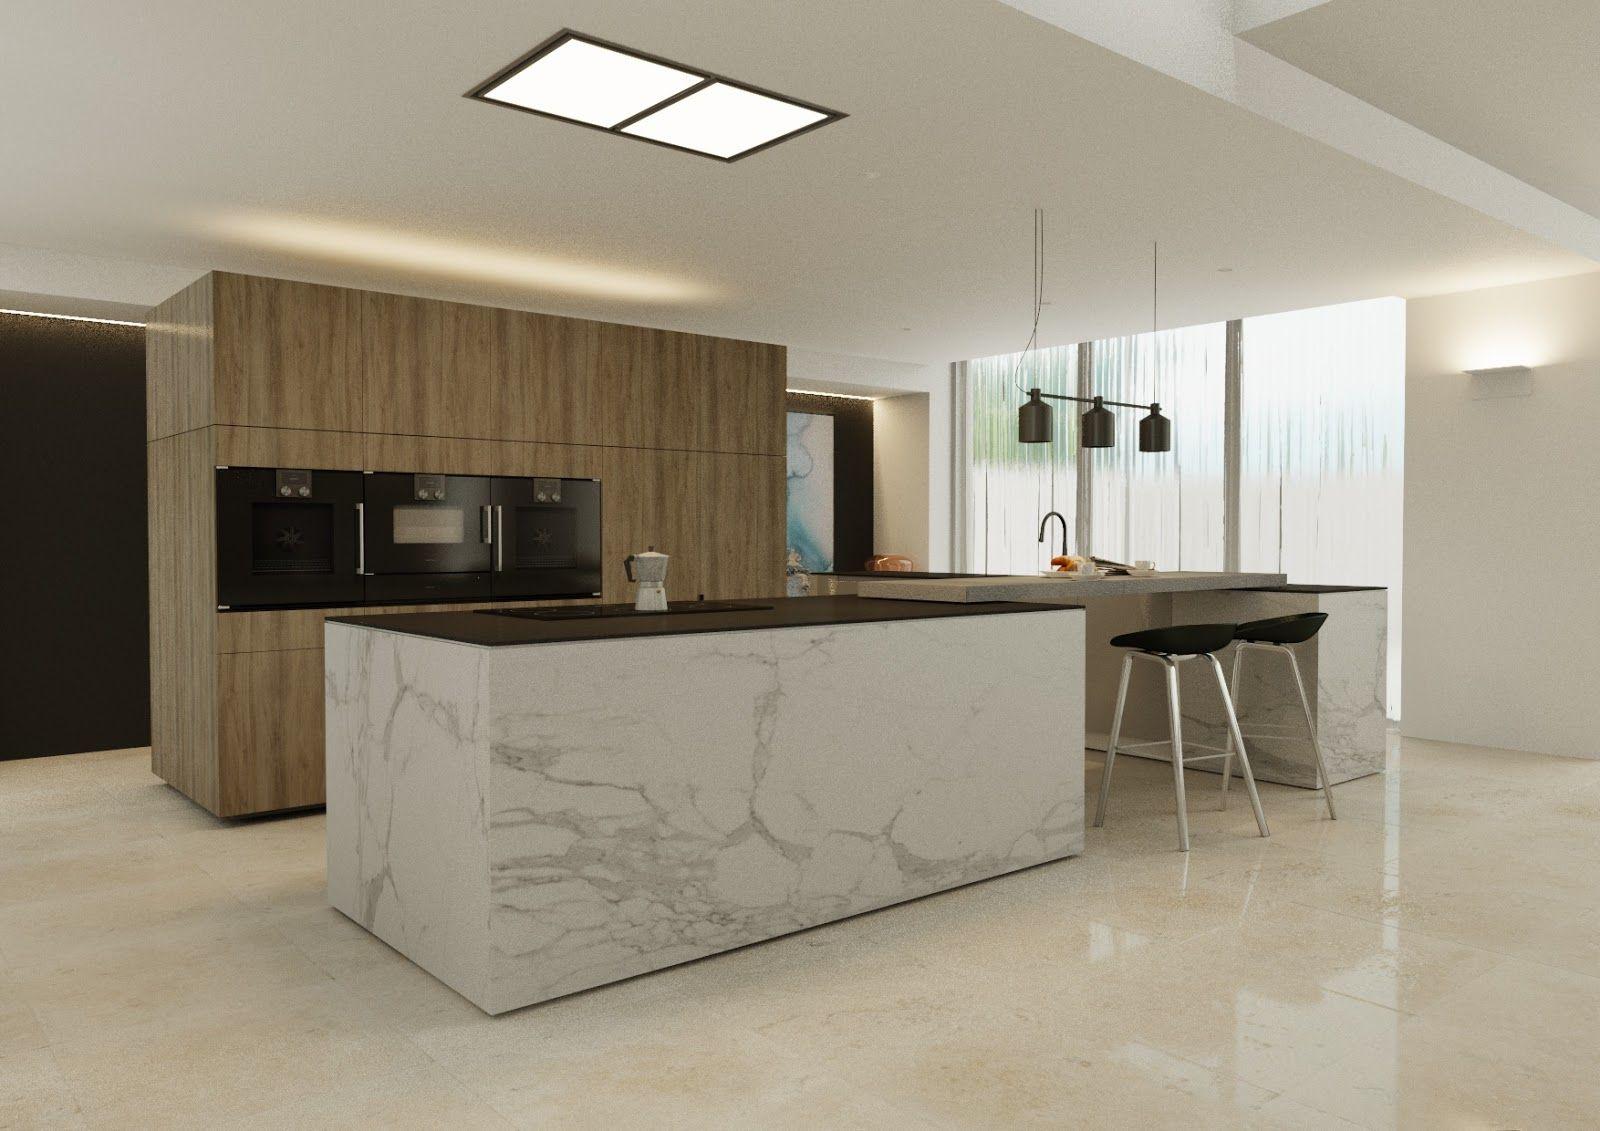 Modern Kitchen And Bathroom Design Winning Design Studio For The Kitchen